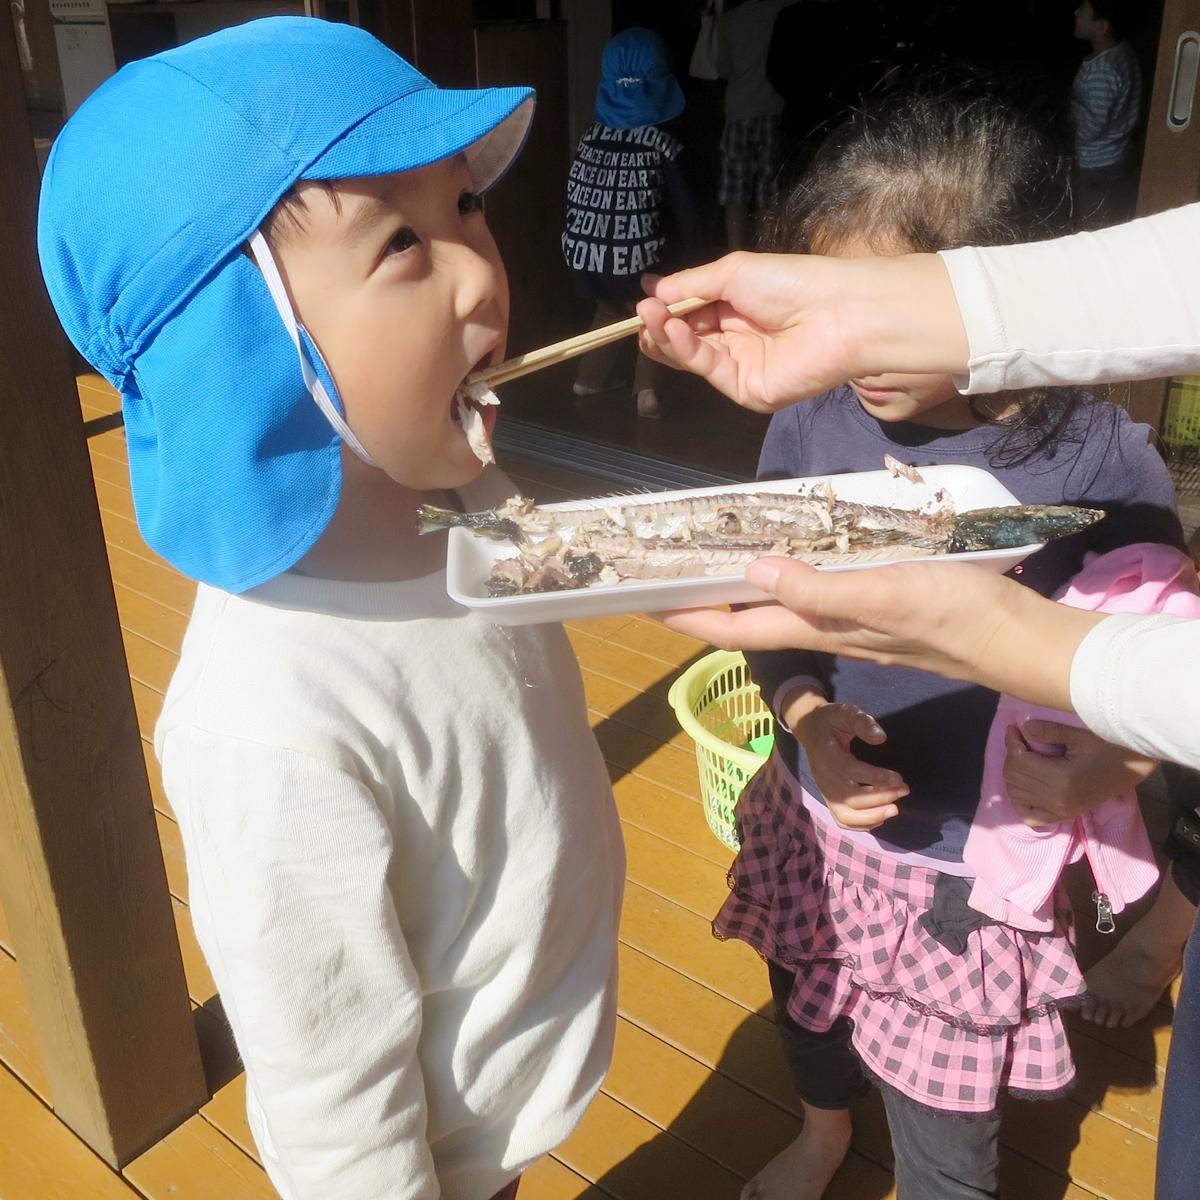 所沢市のあかね保育園のサンマ焼きパーティーのサンマを食べる子どもの画像